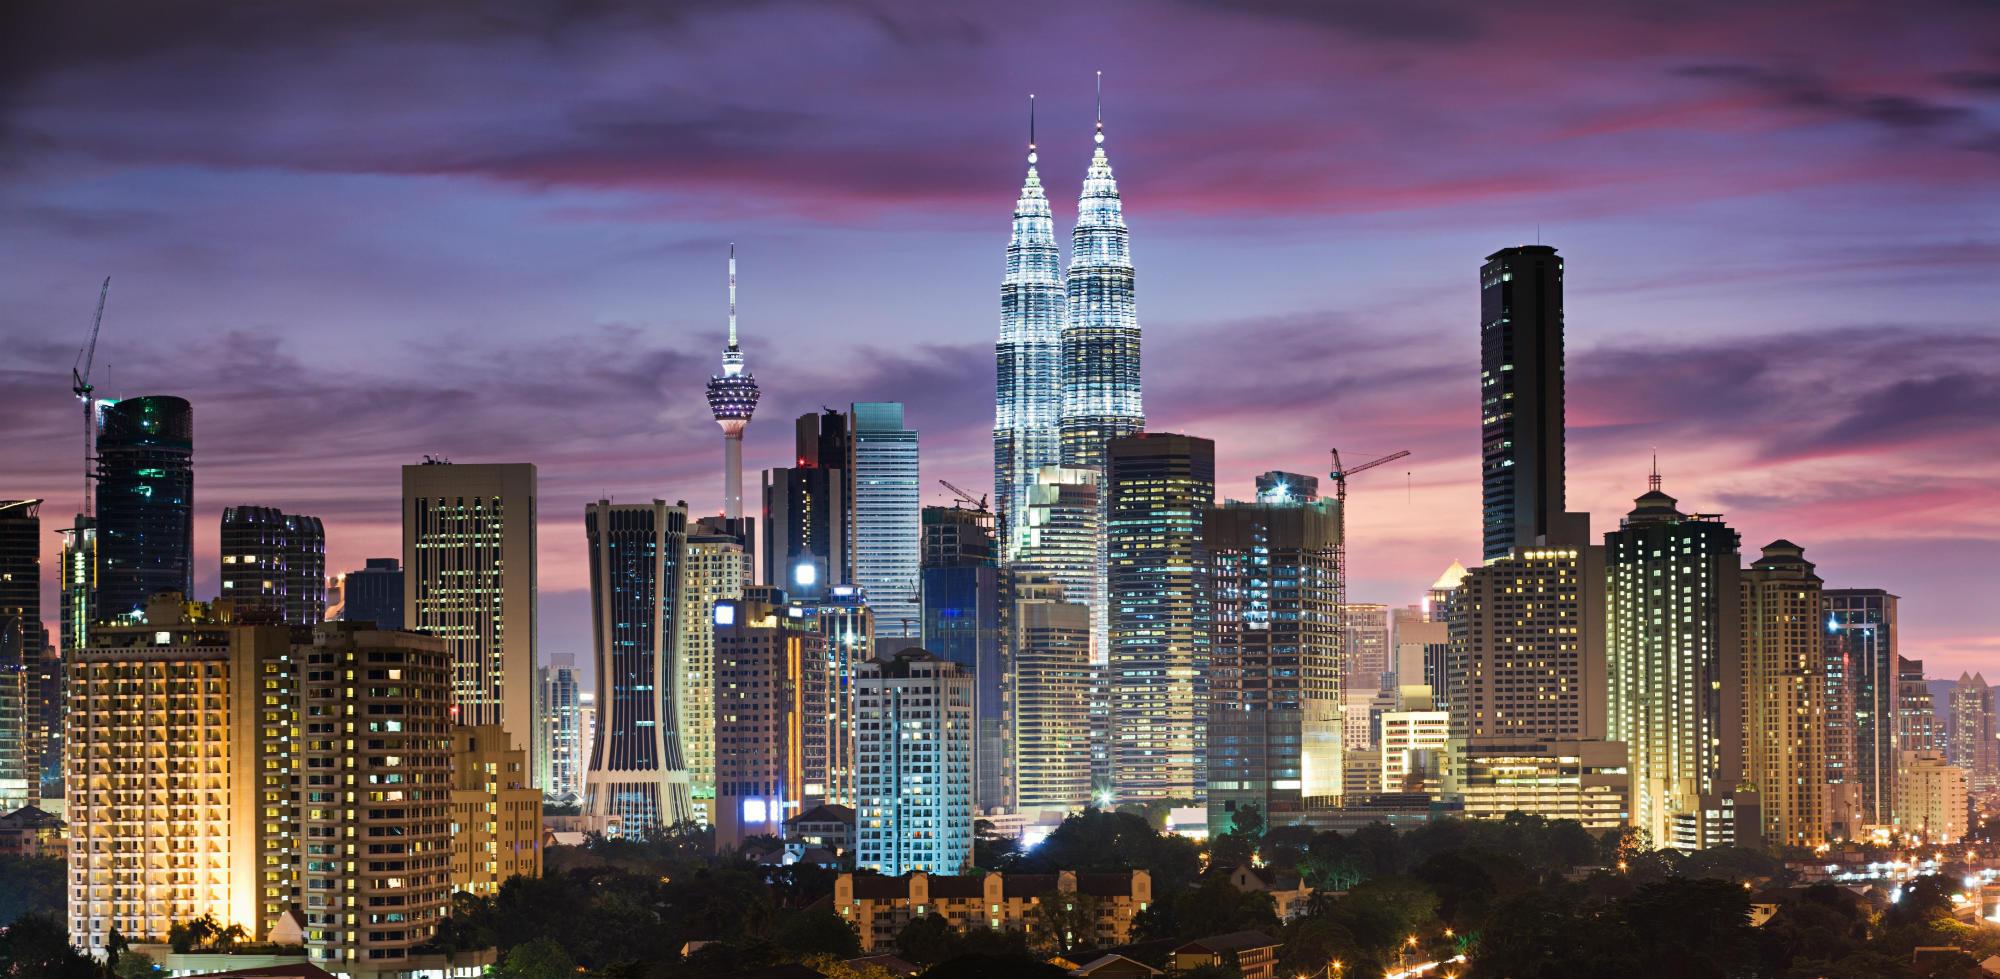 اقلام ممنوعه در مالزی